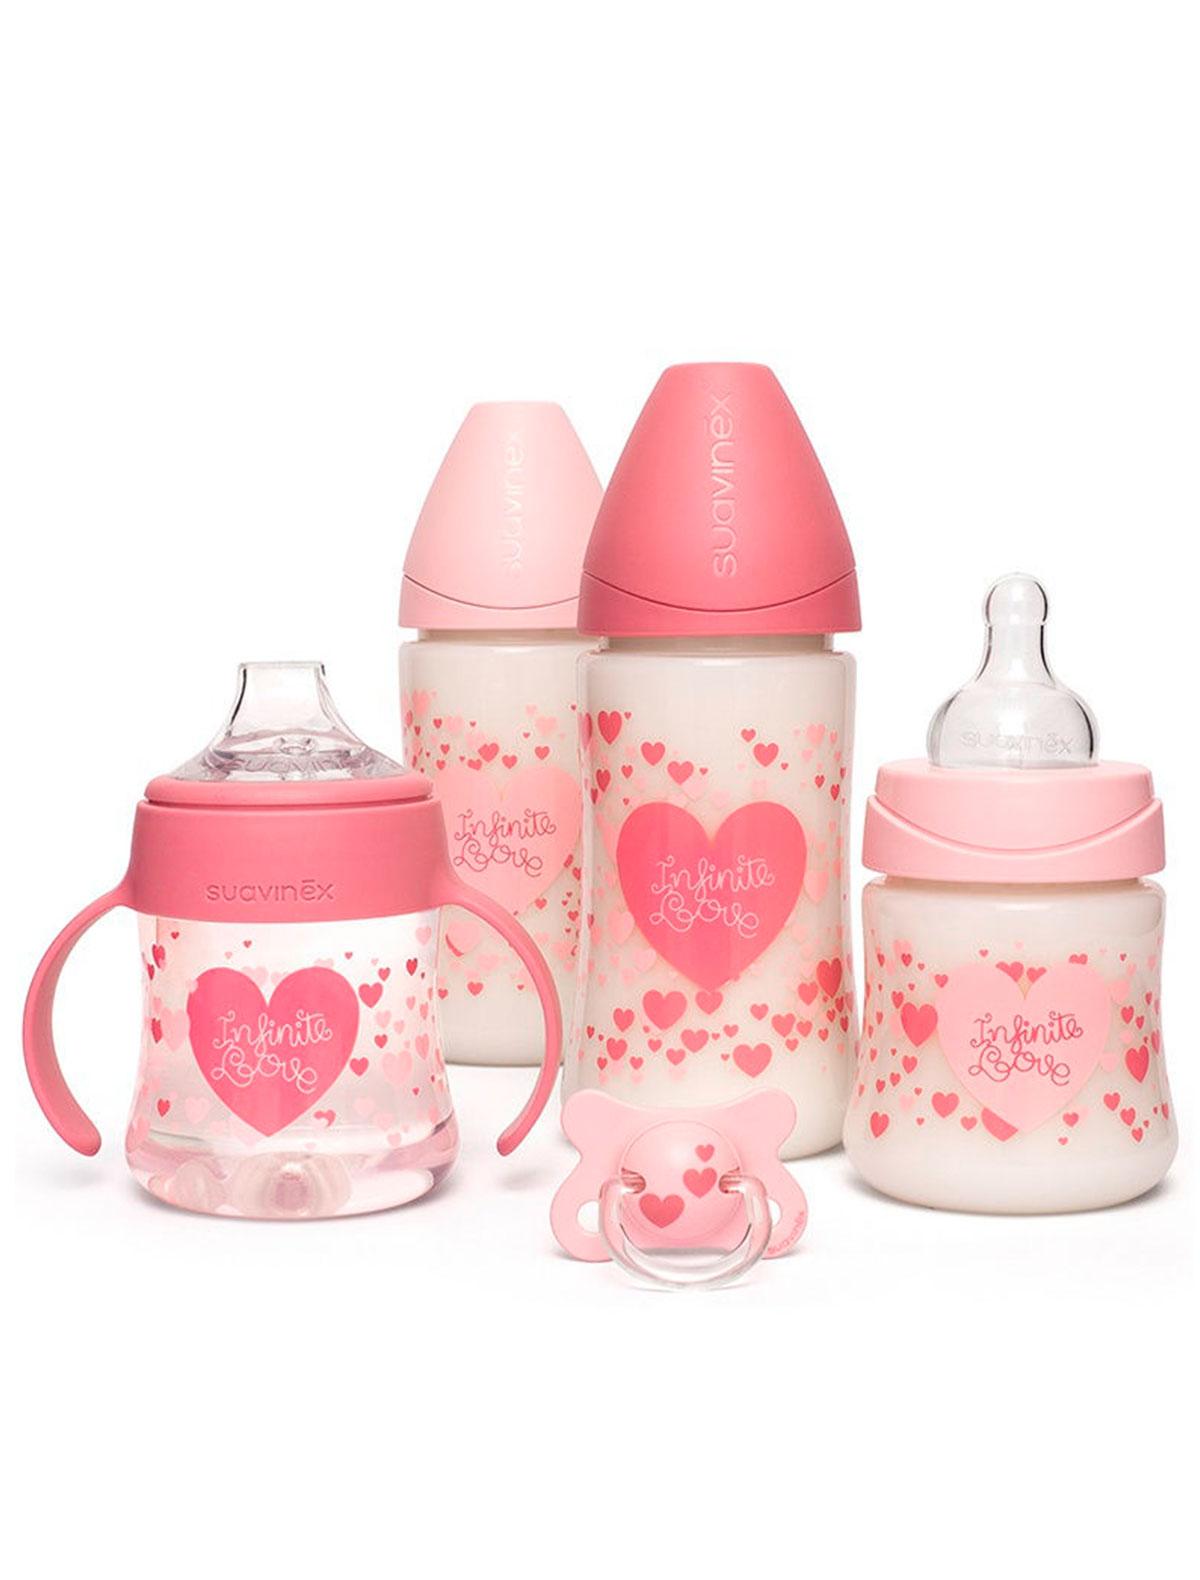 Купить 2269045, Бутылочка Suavinex, розовый, 5114520080246